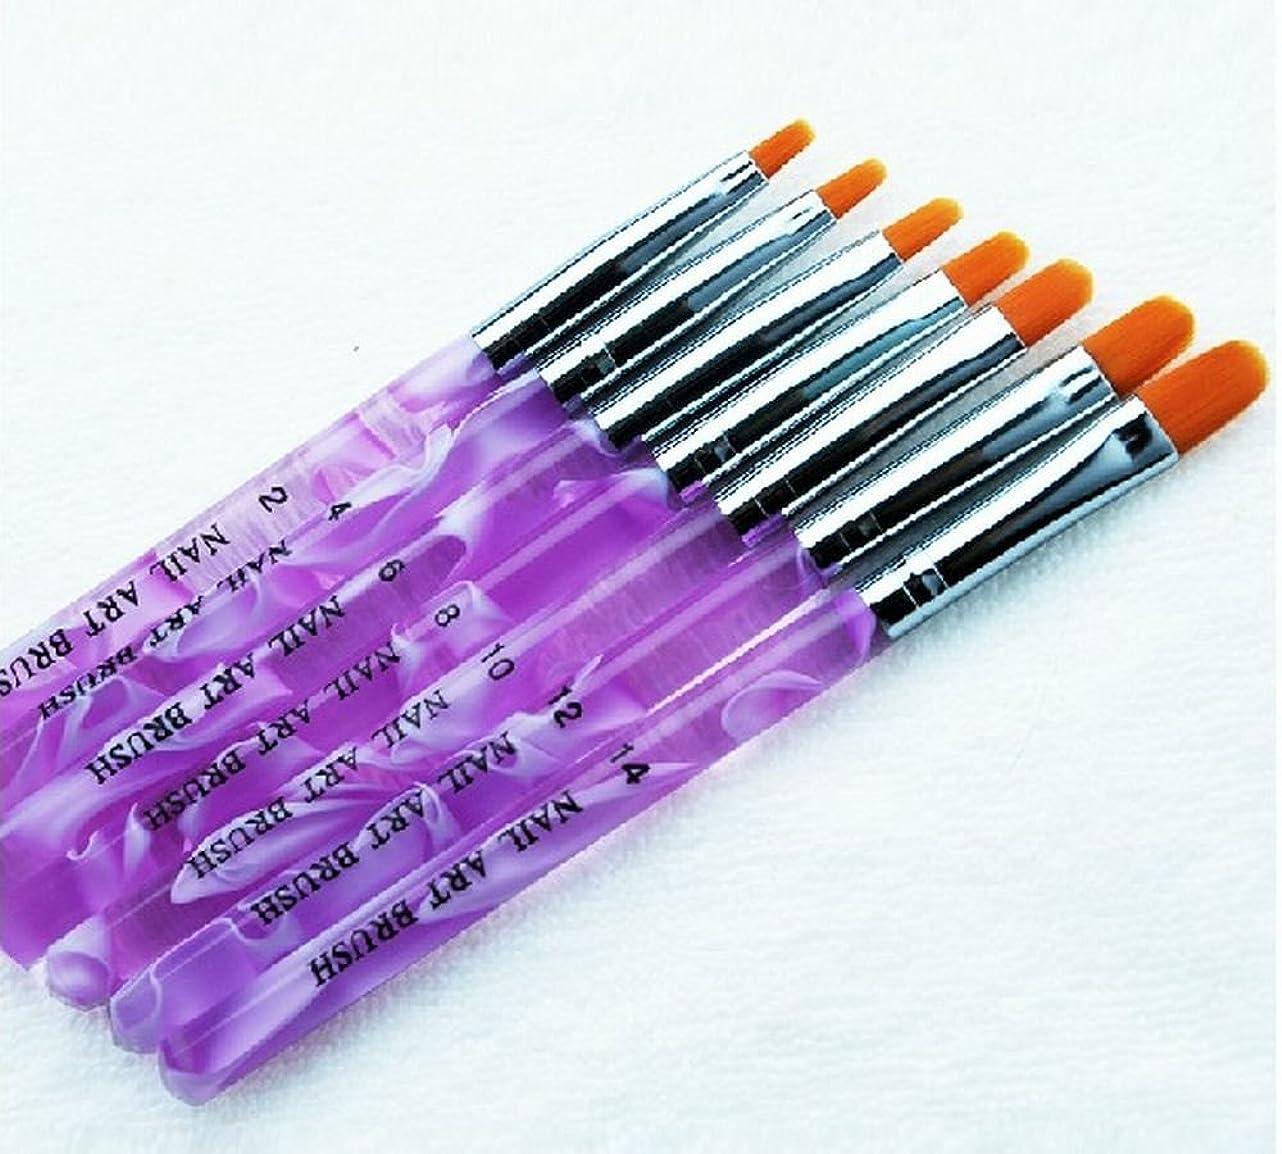 打倒むしゃむしゃ自発的POT ジェル ネイルブラシ 7本セット UV用 ジェルブラシ 平筆ブラシ 使い分けに ナンバー 印字 入り